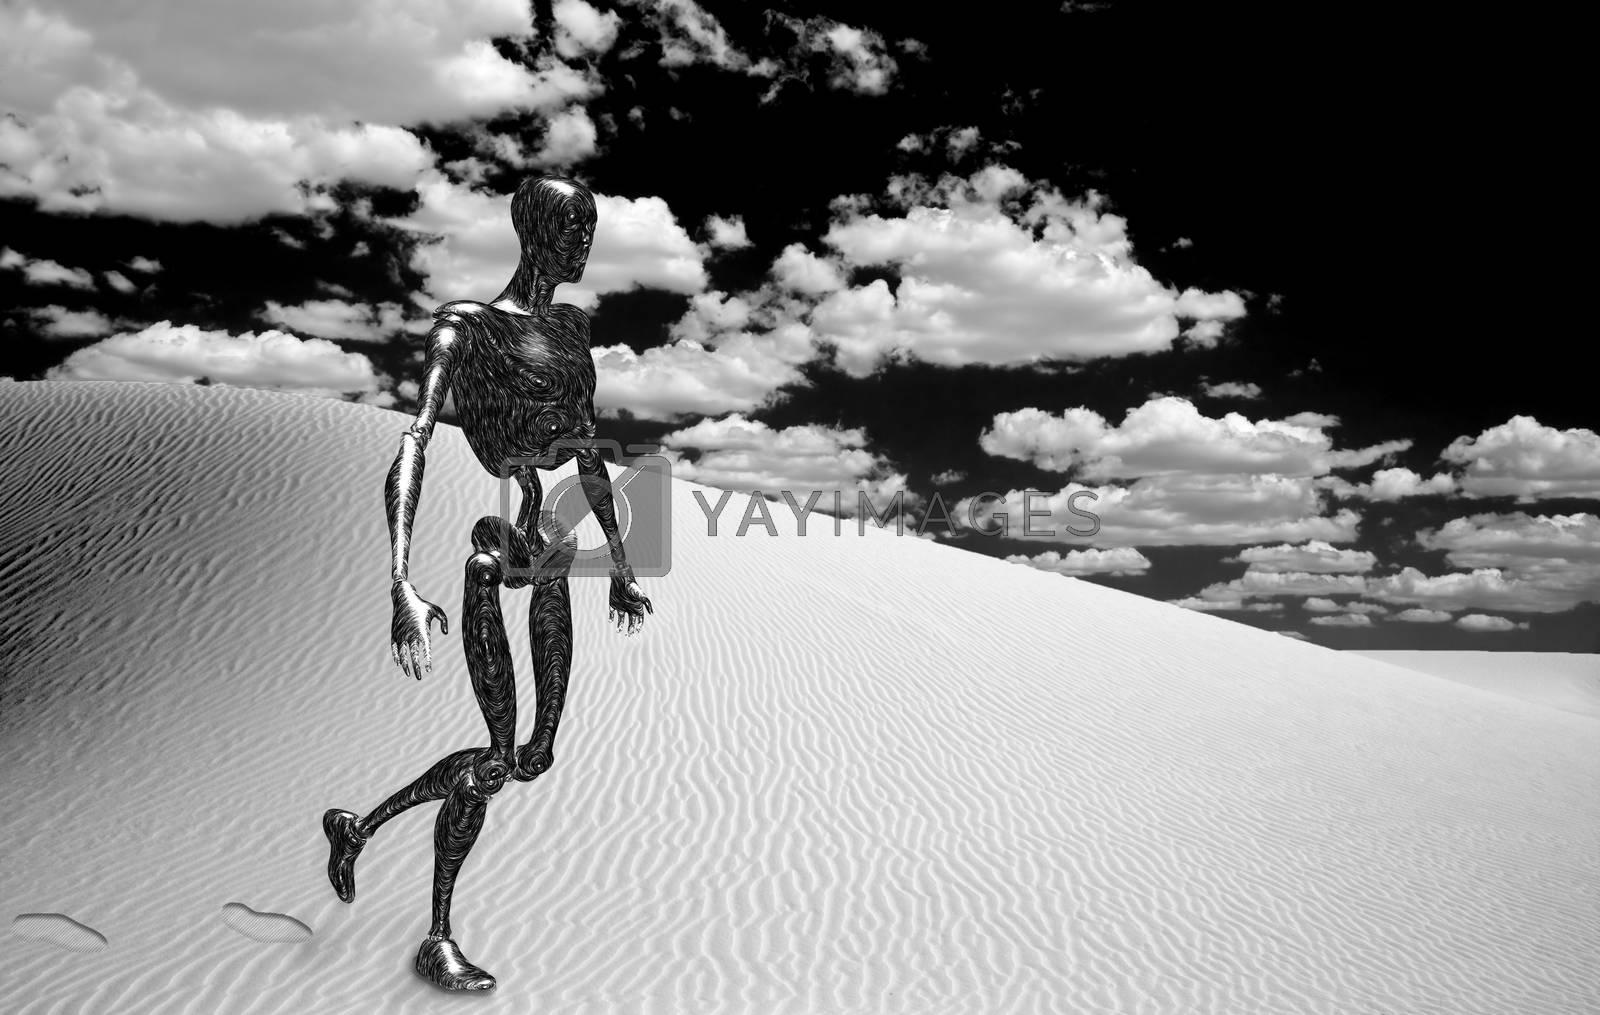 Robot in surreal white desert. 3D rendering